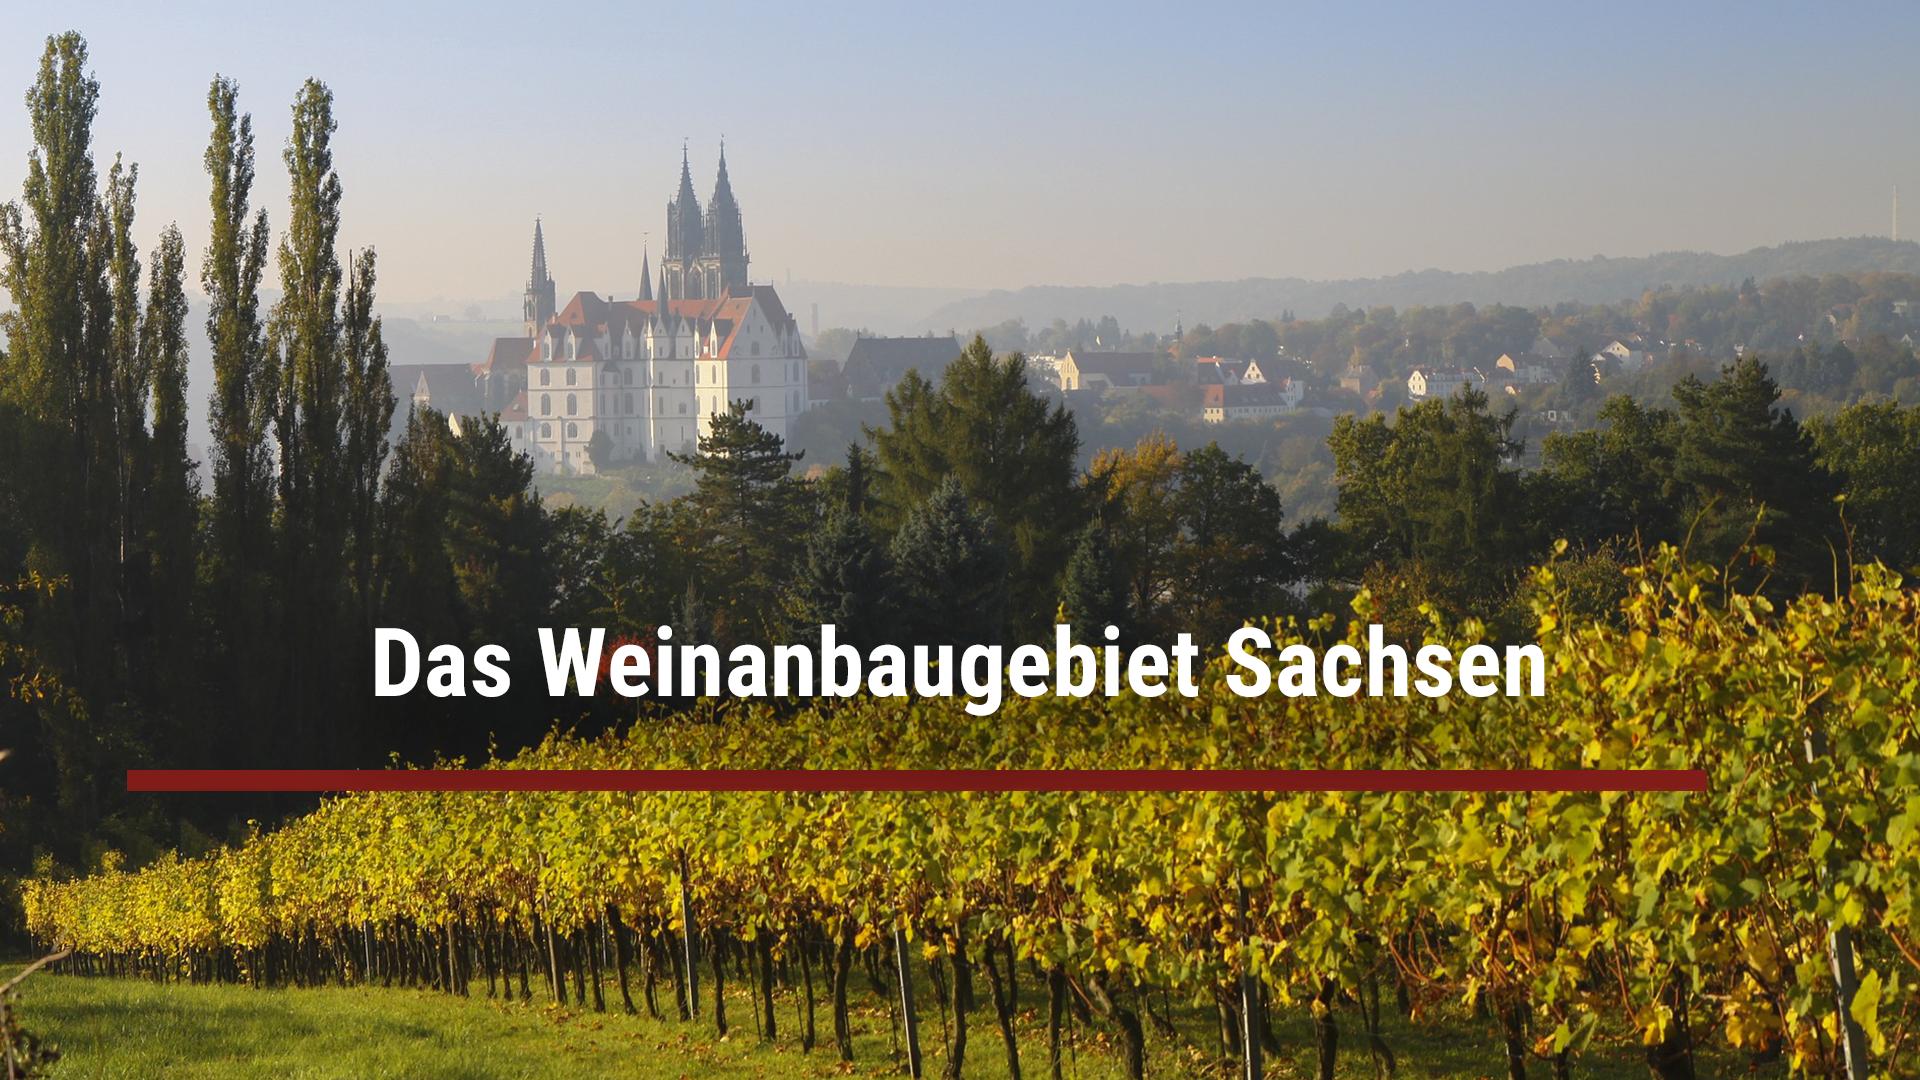 Das Weinanbaugebiet Sachsen